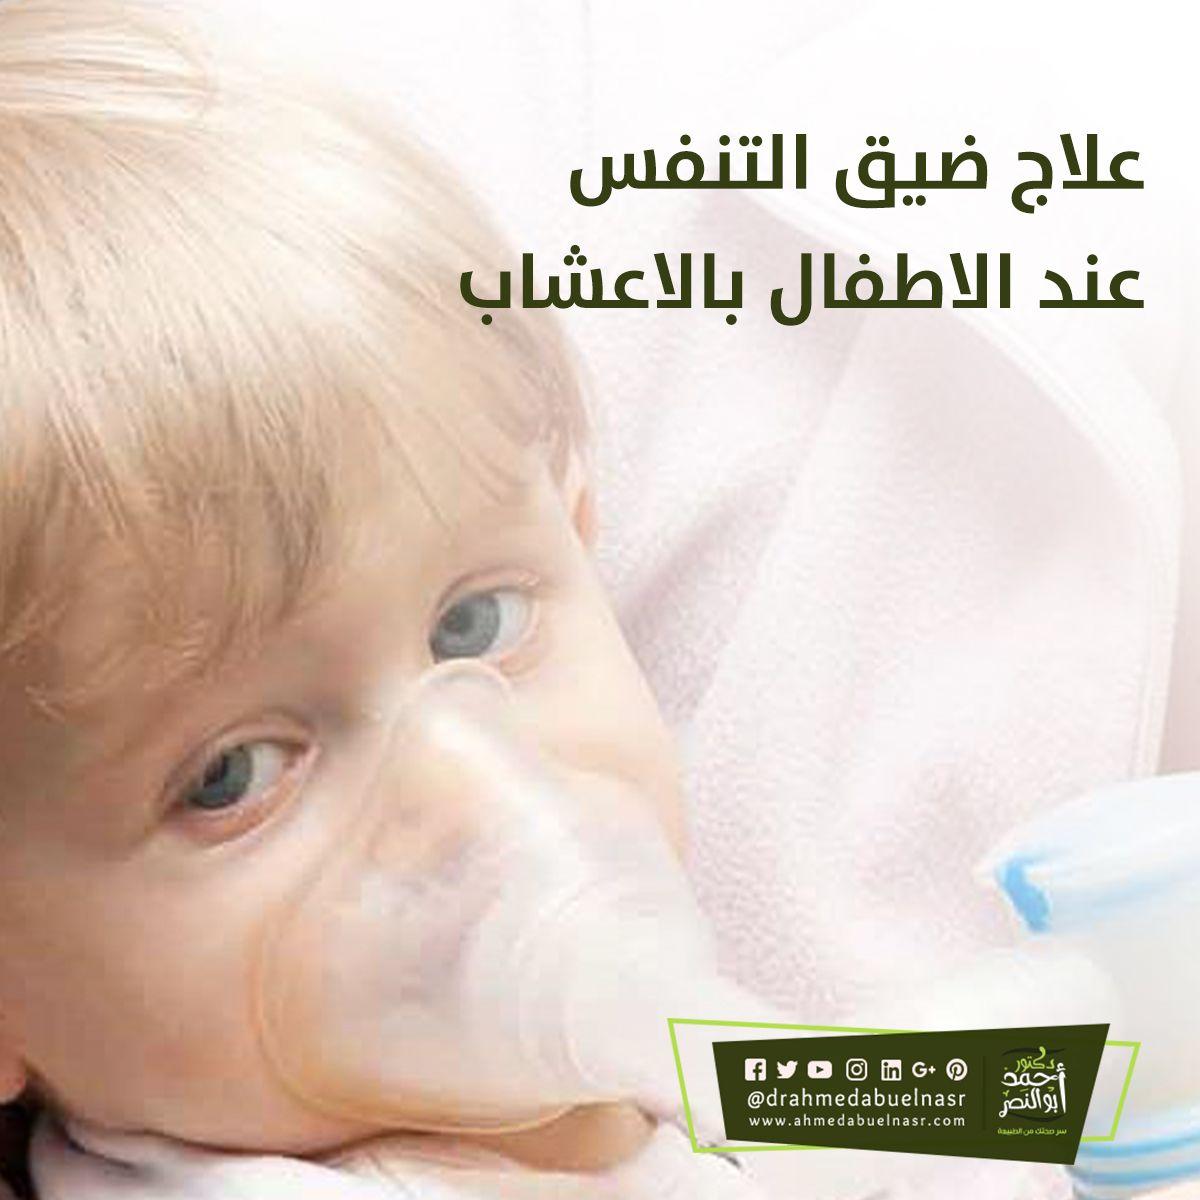 علاج ضيق التنفس عند الاطفال بالاعشاب Baby Face Face Baby